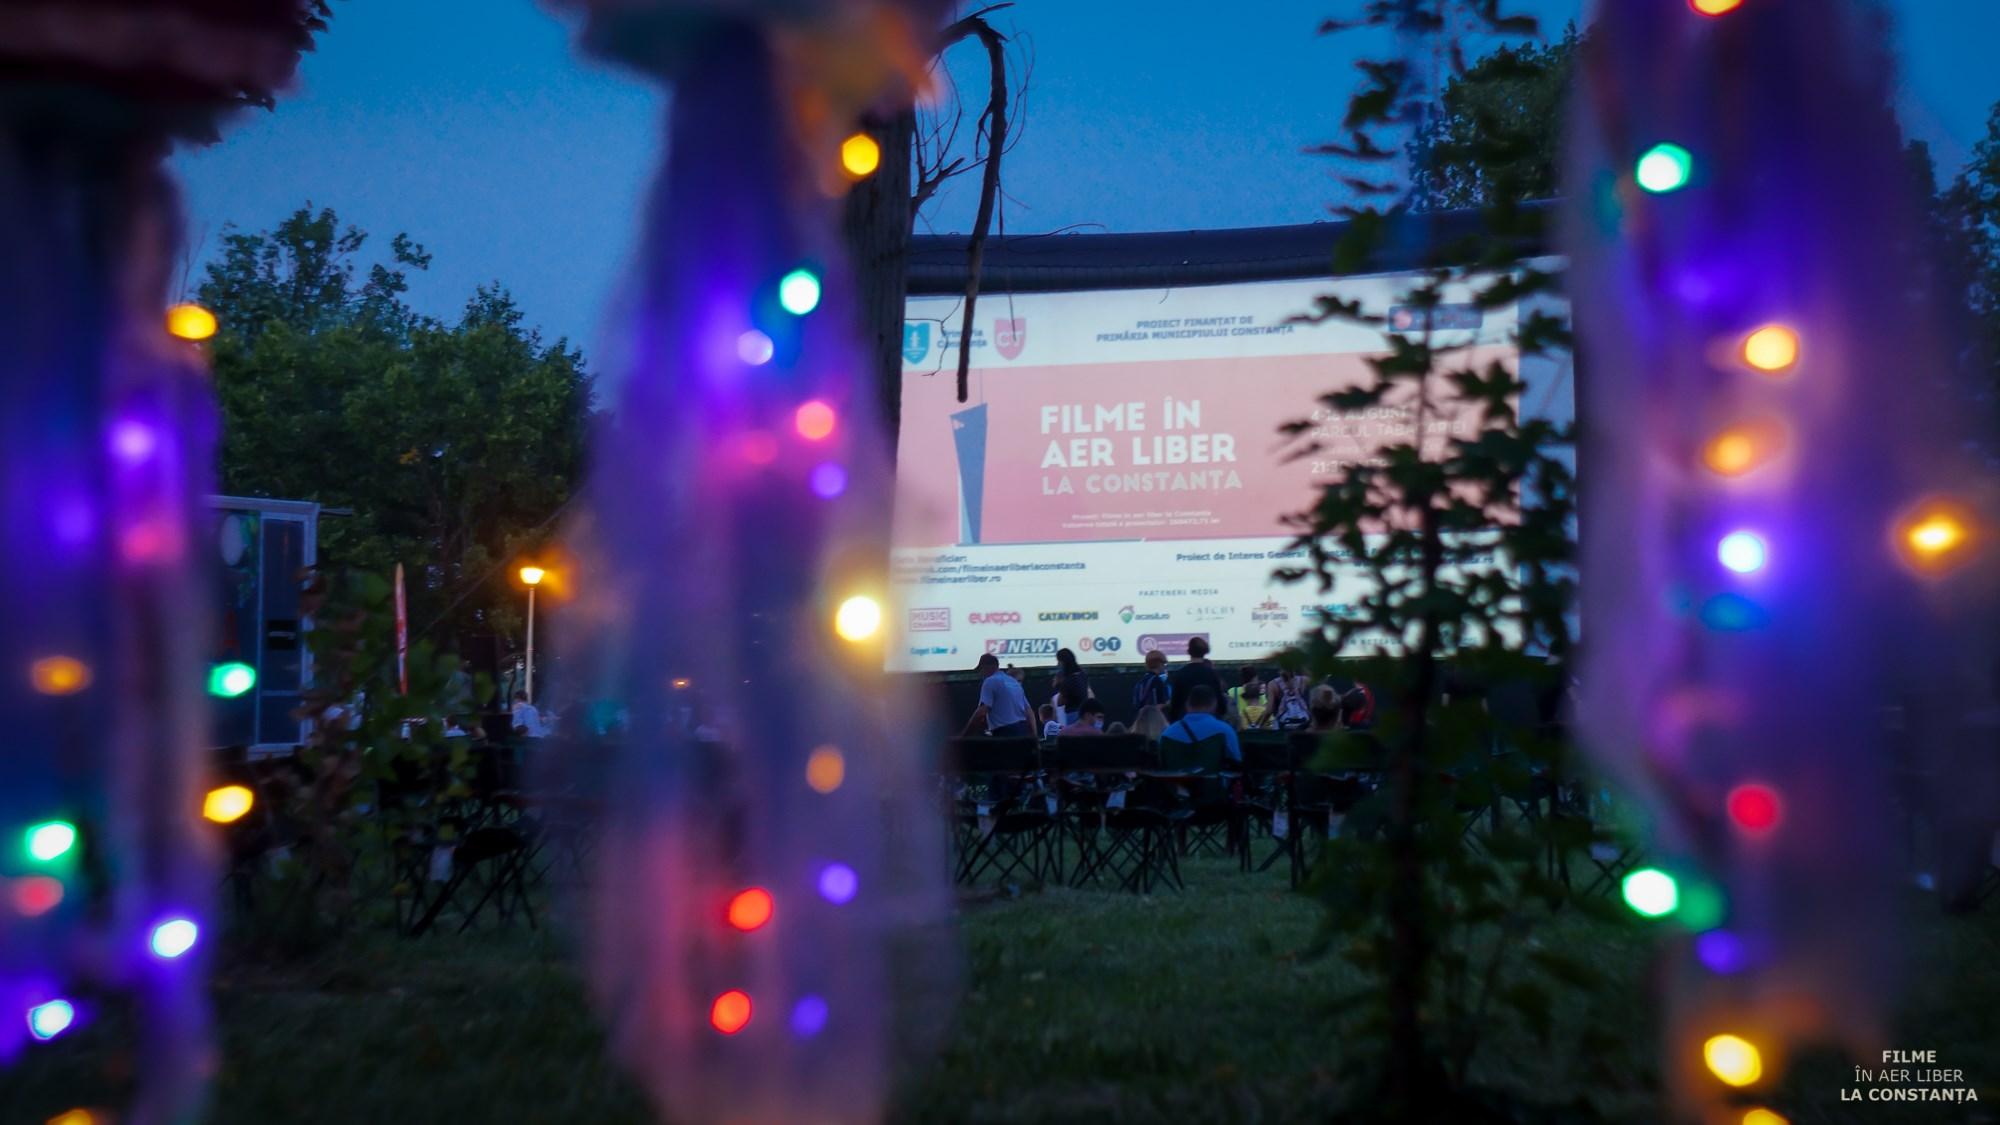 Filme în aer liber la Constanța afiș